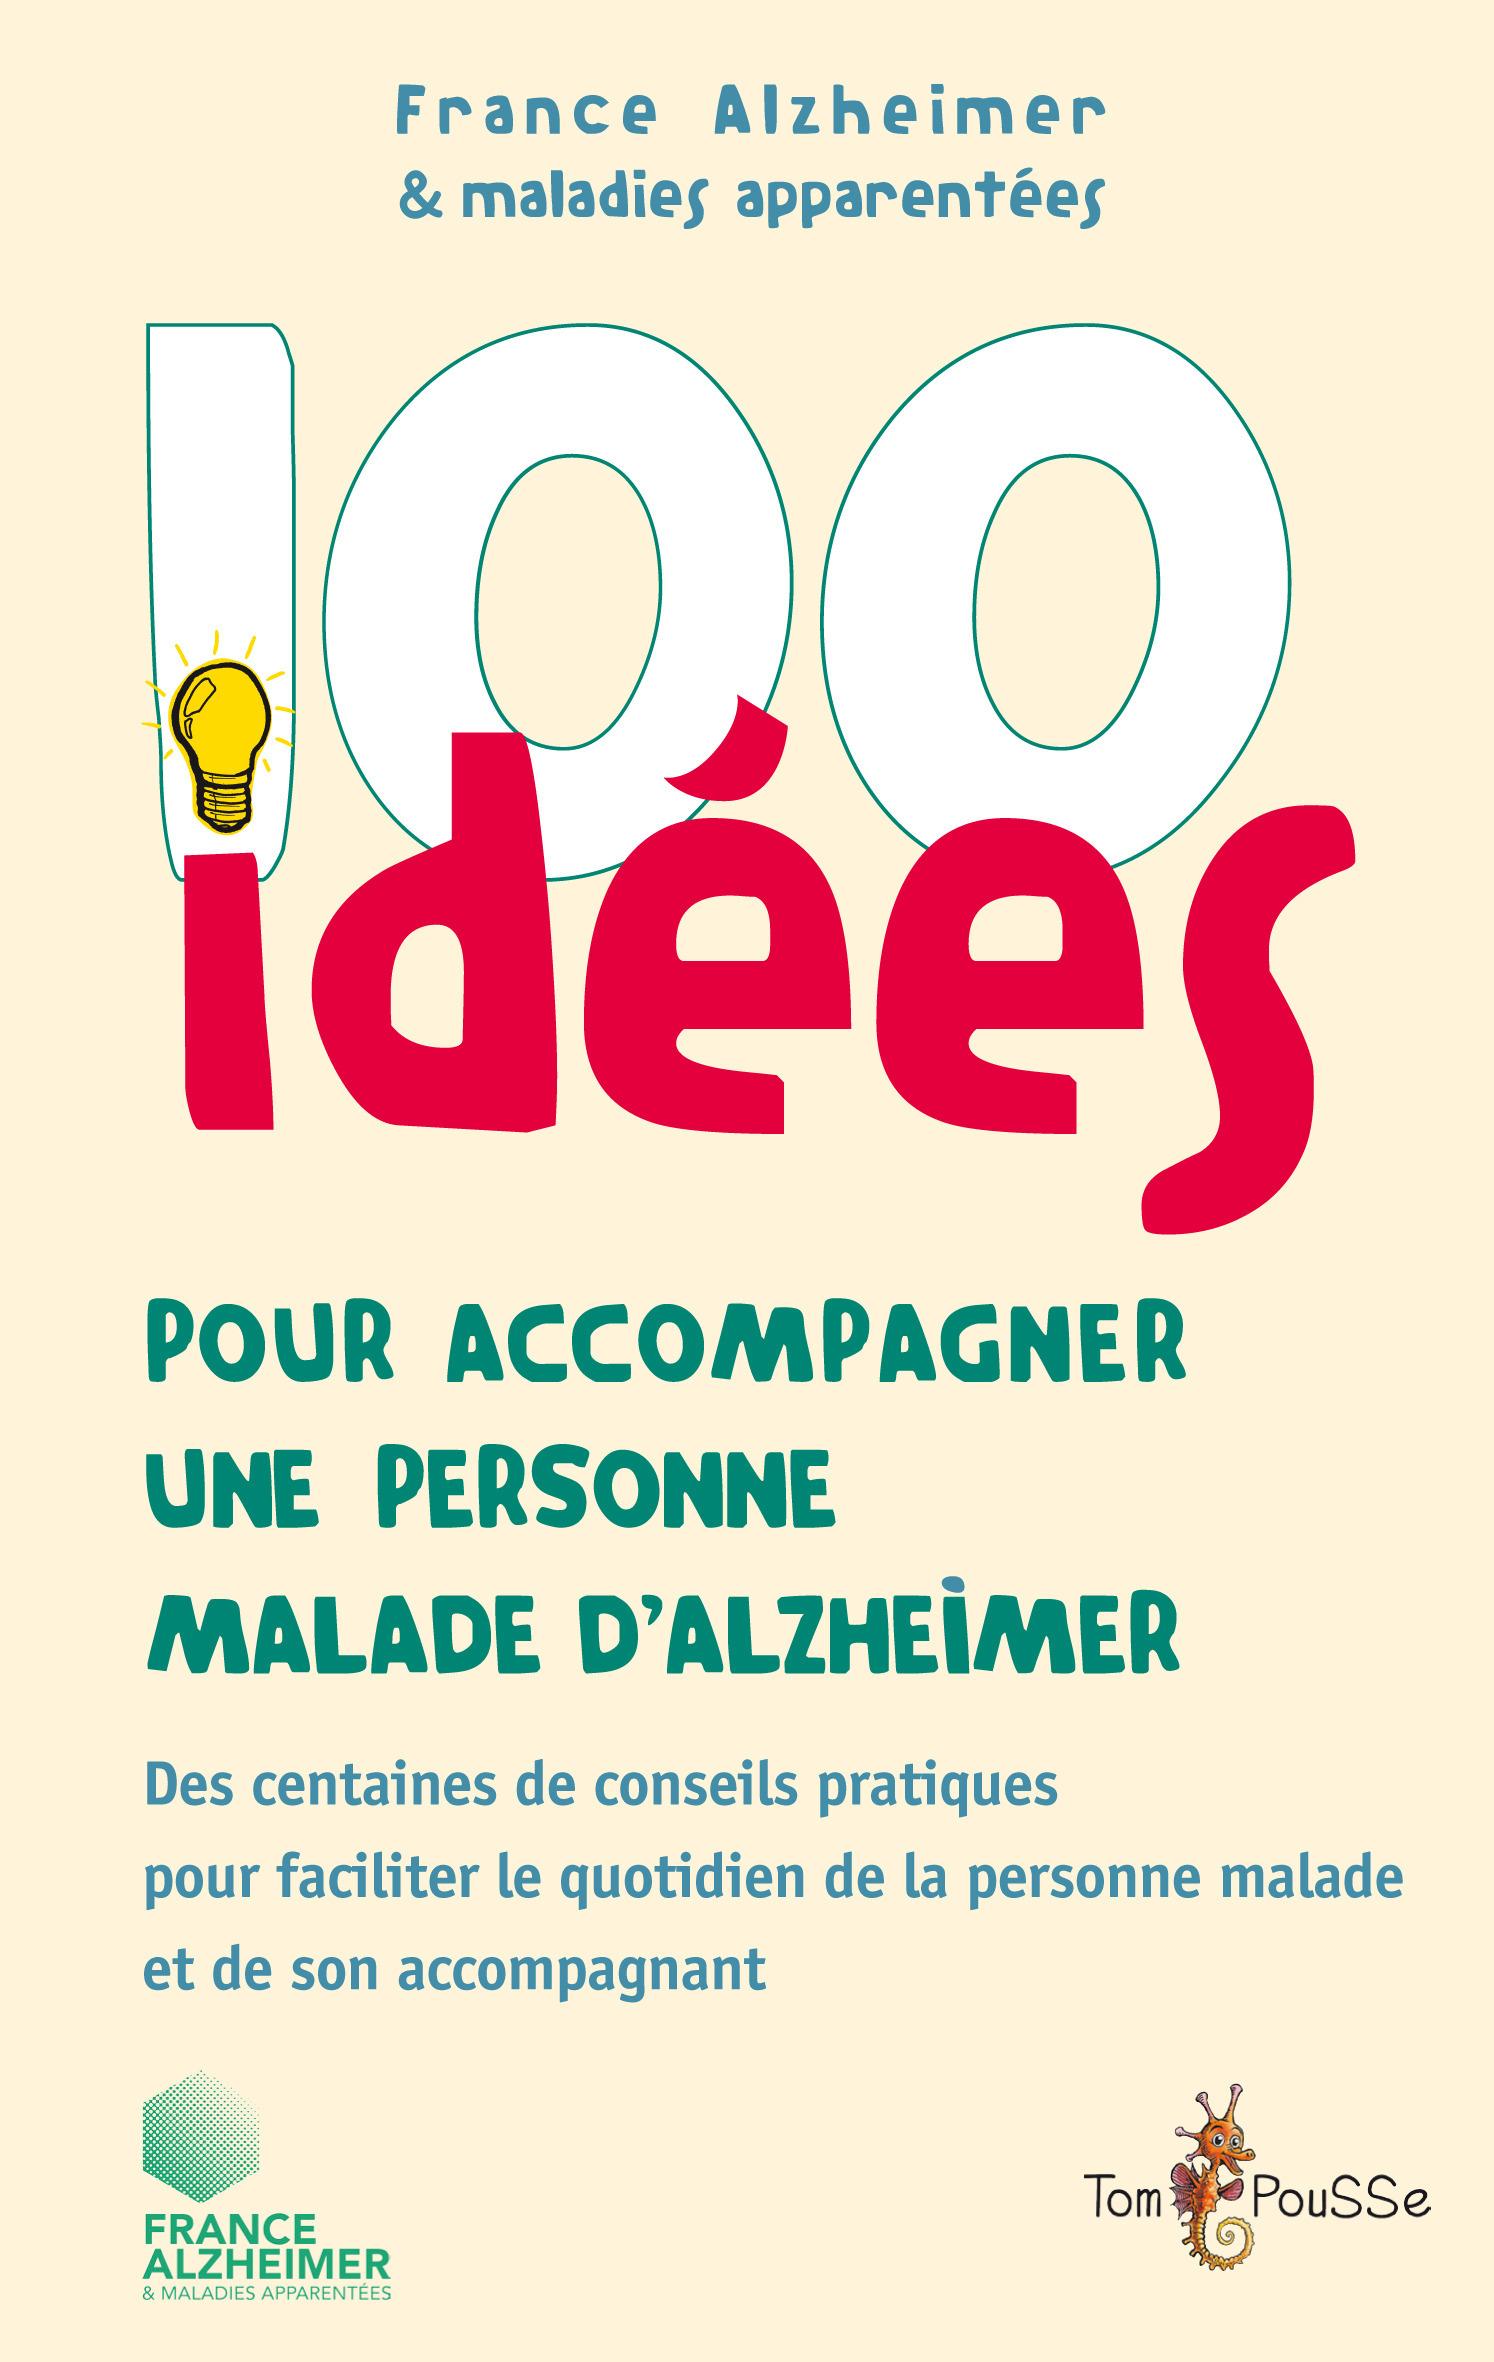 France Alzheimer Et Maladies Apparentées 100 idées pour accompagner une personne malade d'Alzheimer